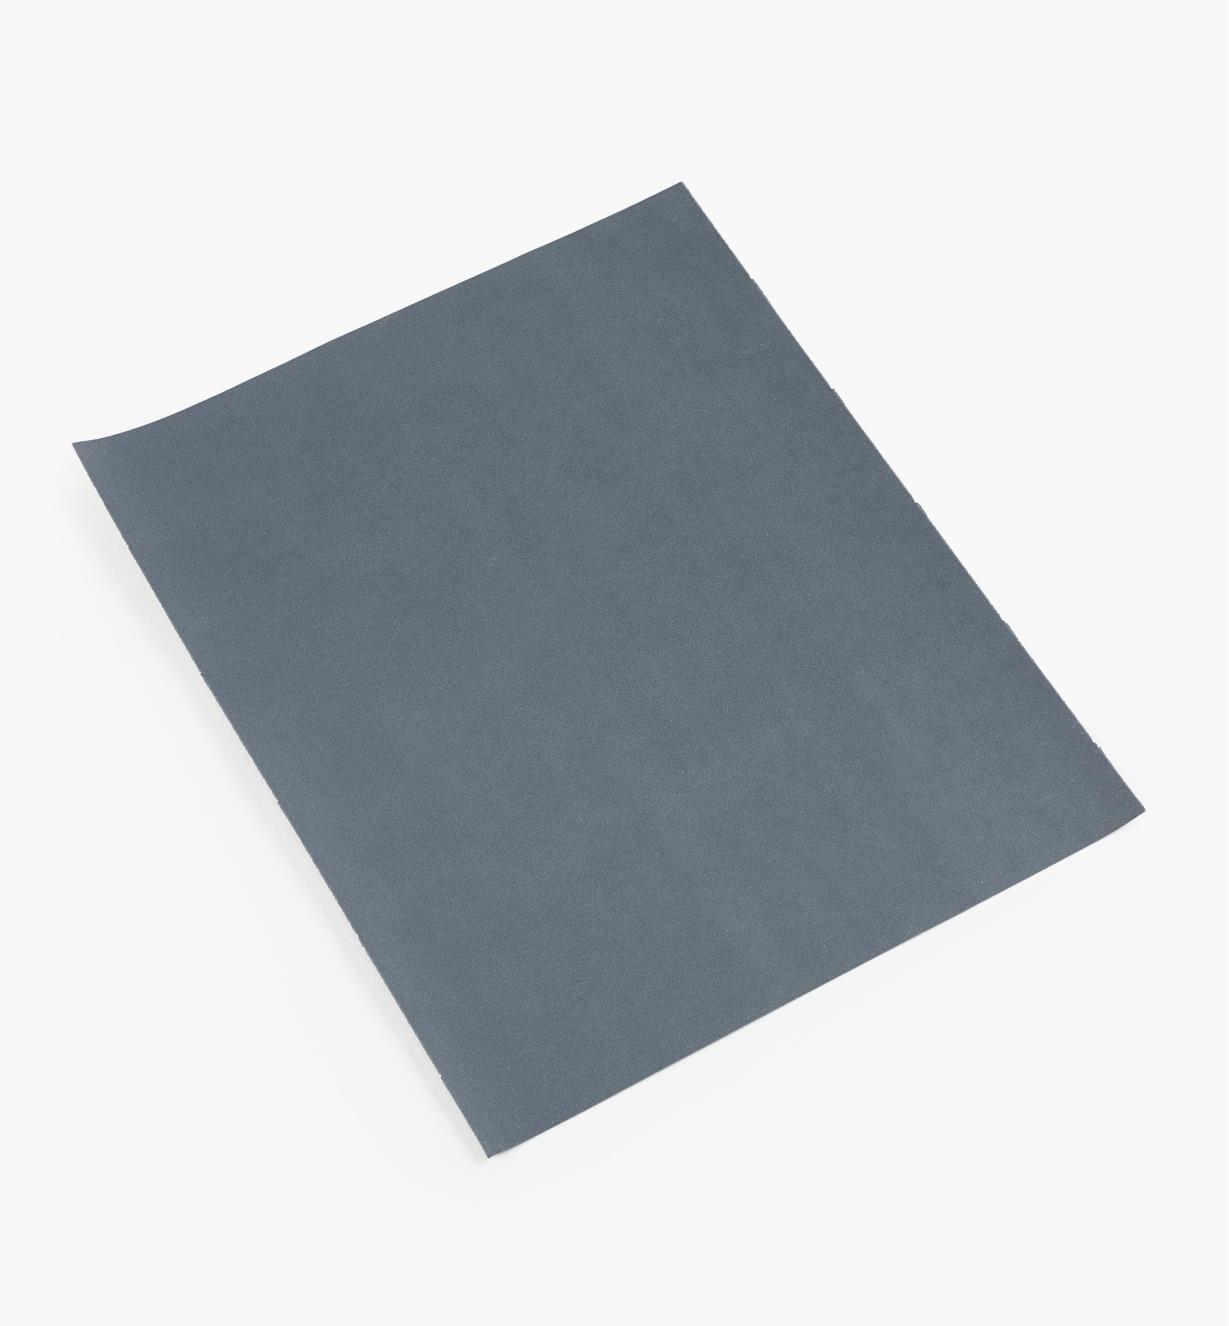 54K7902 - 3M Wet/Dry Sandpaper, 320A (36µ)